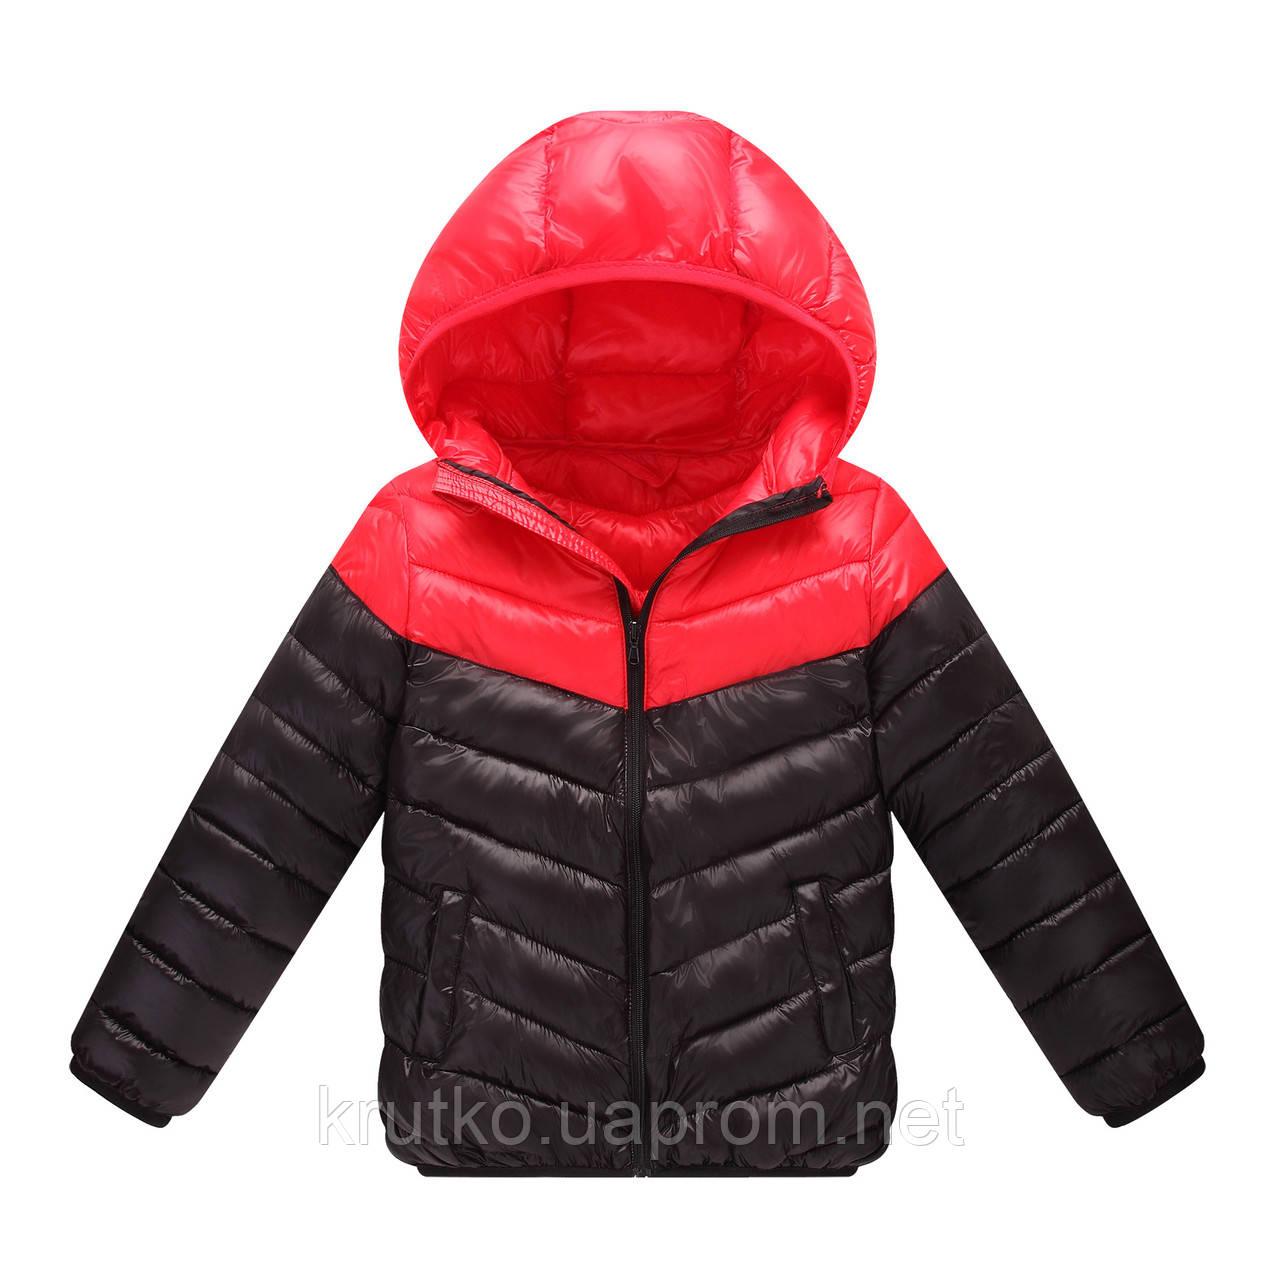 Куртка весенняя детская, красный-черный Berni